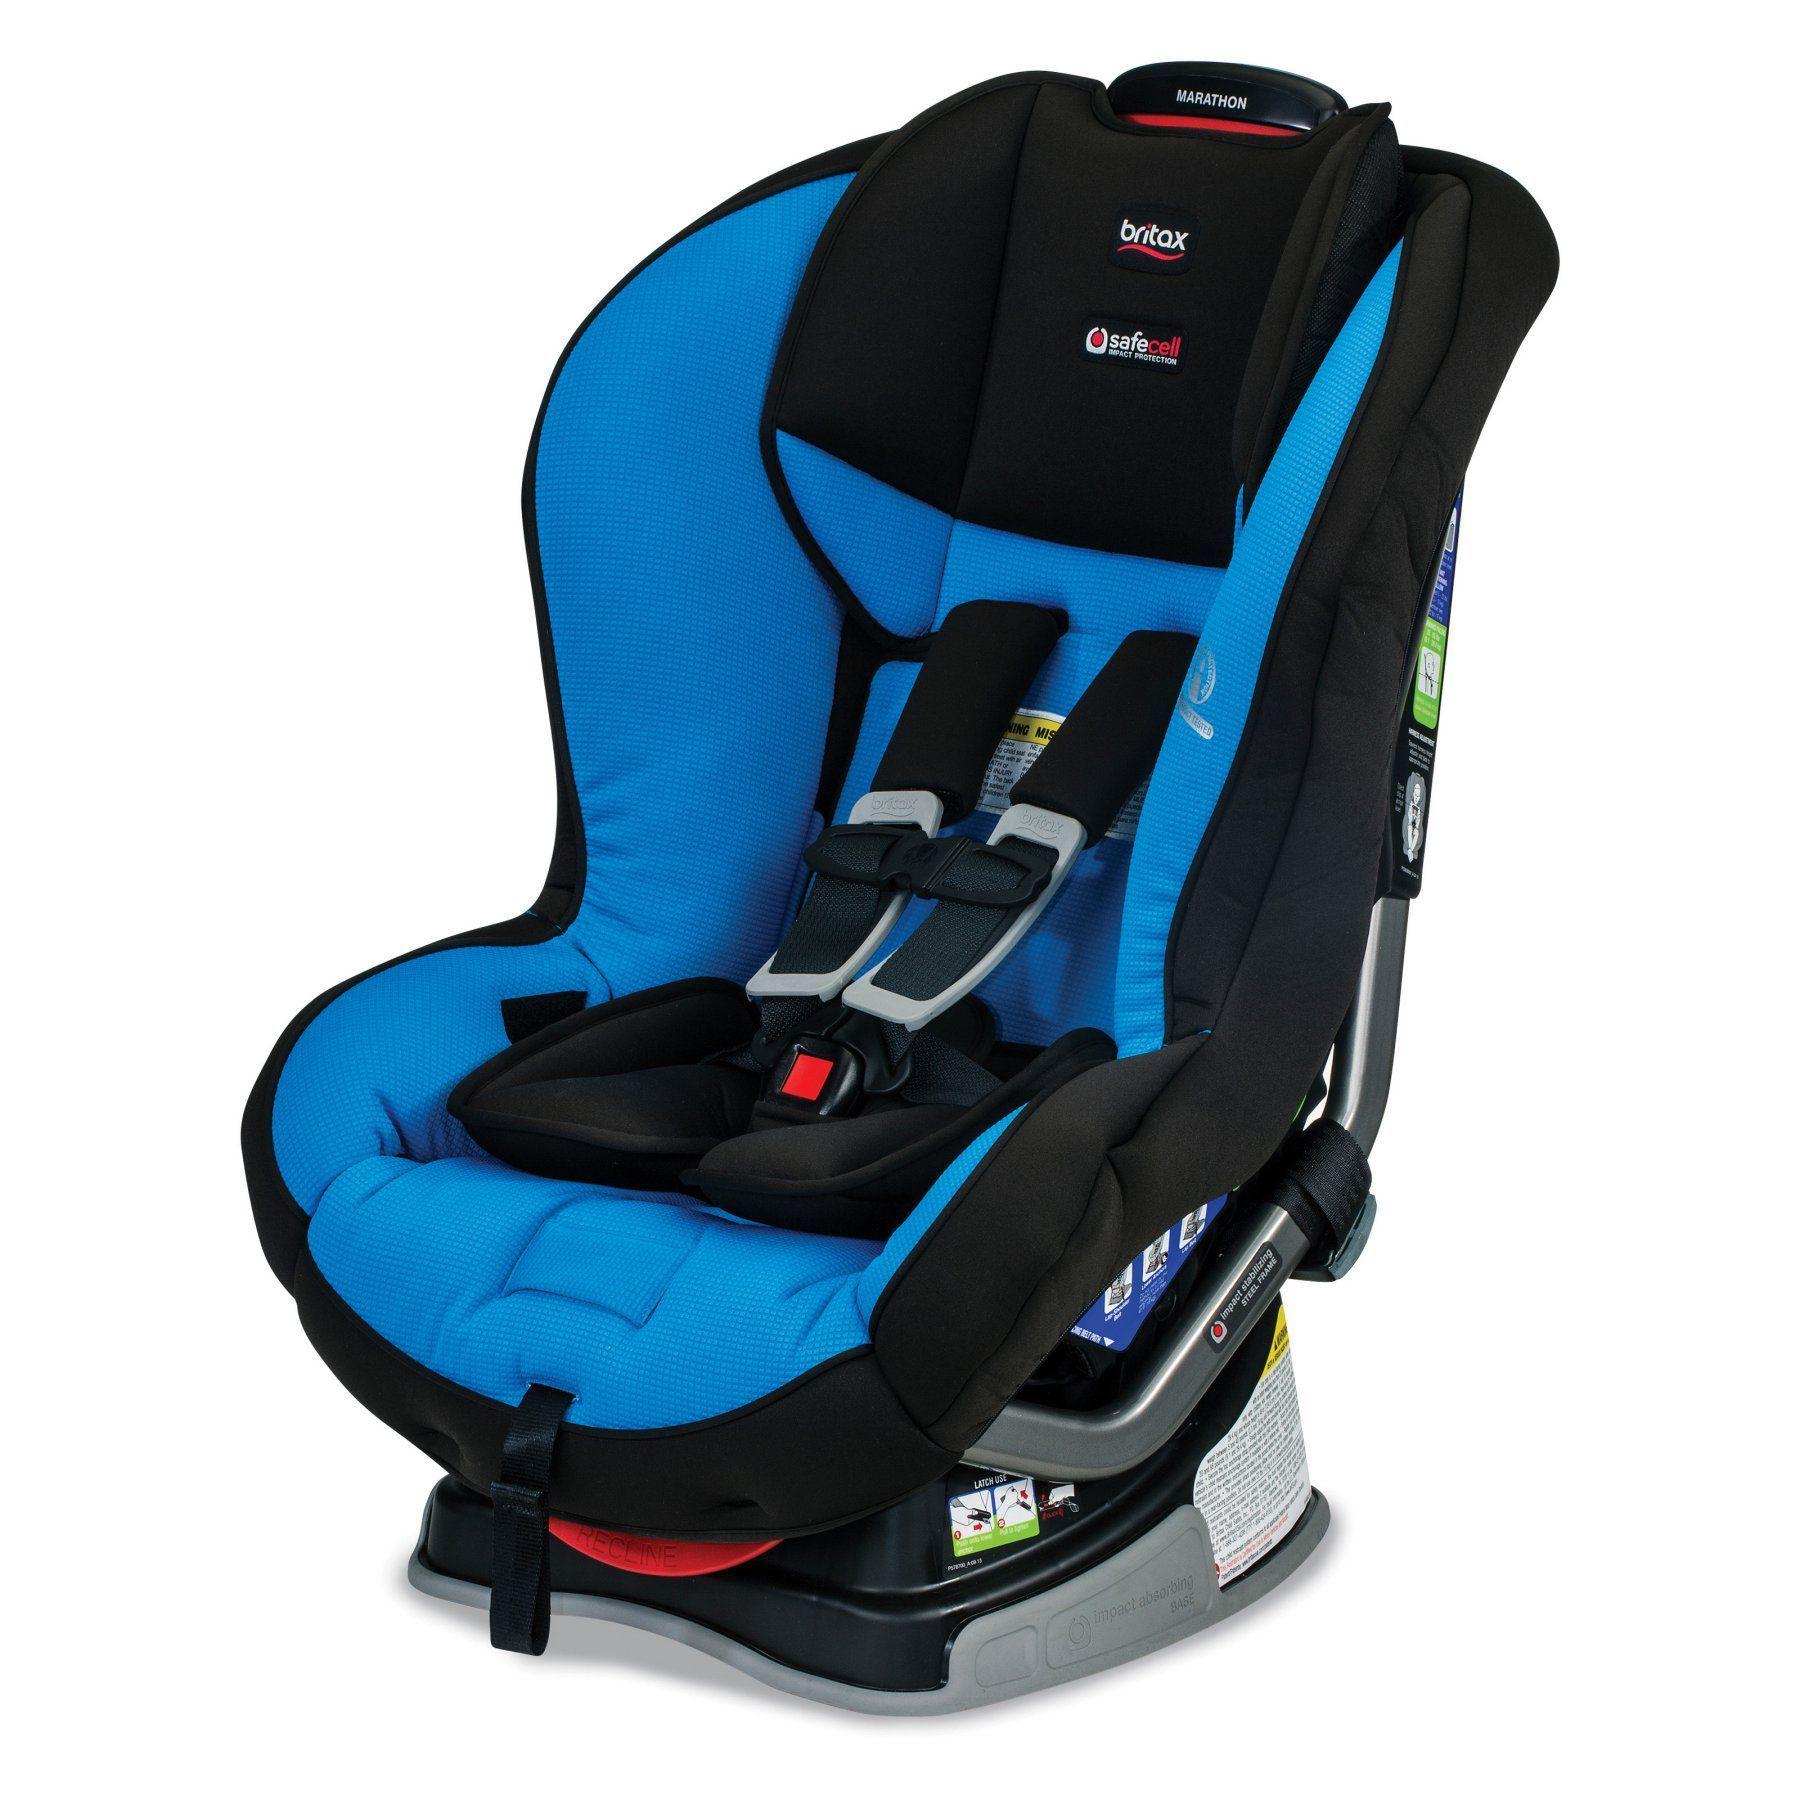 Britax Marathon G4 1 Convertible Car Seat Azul E9lx17y